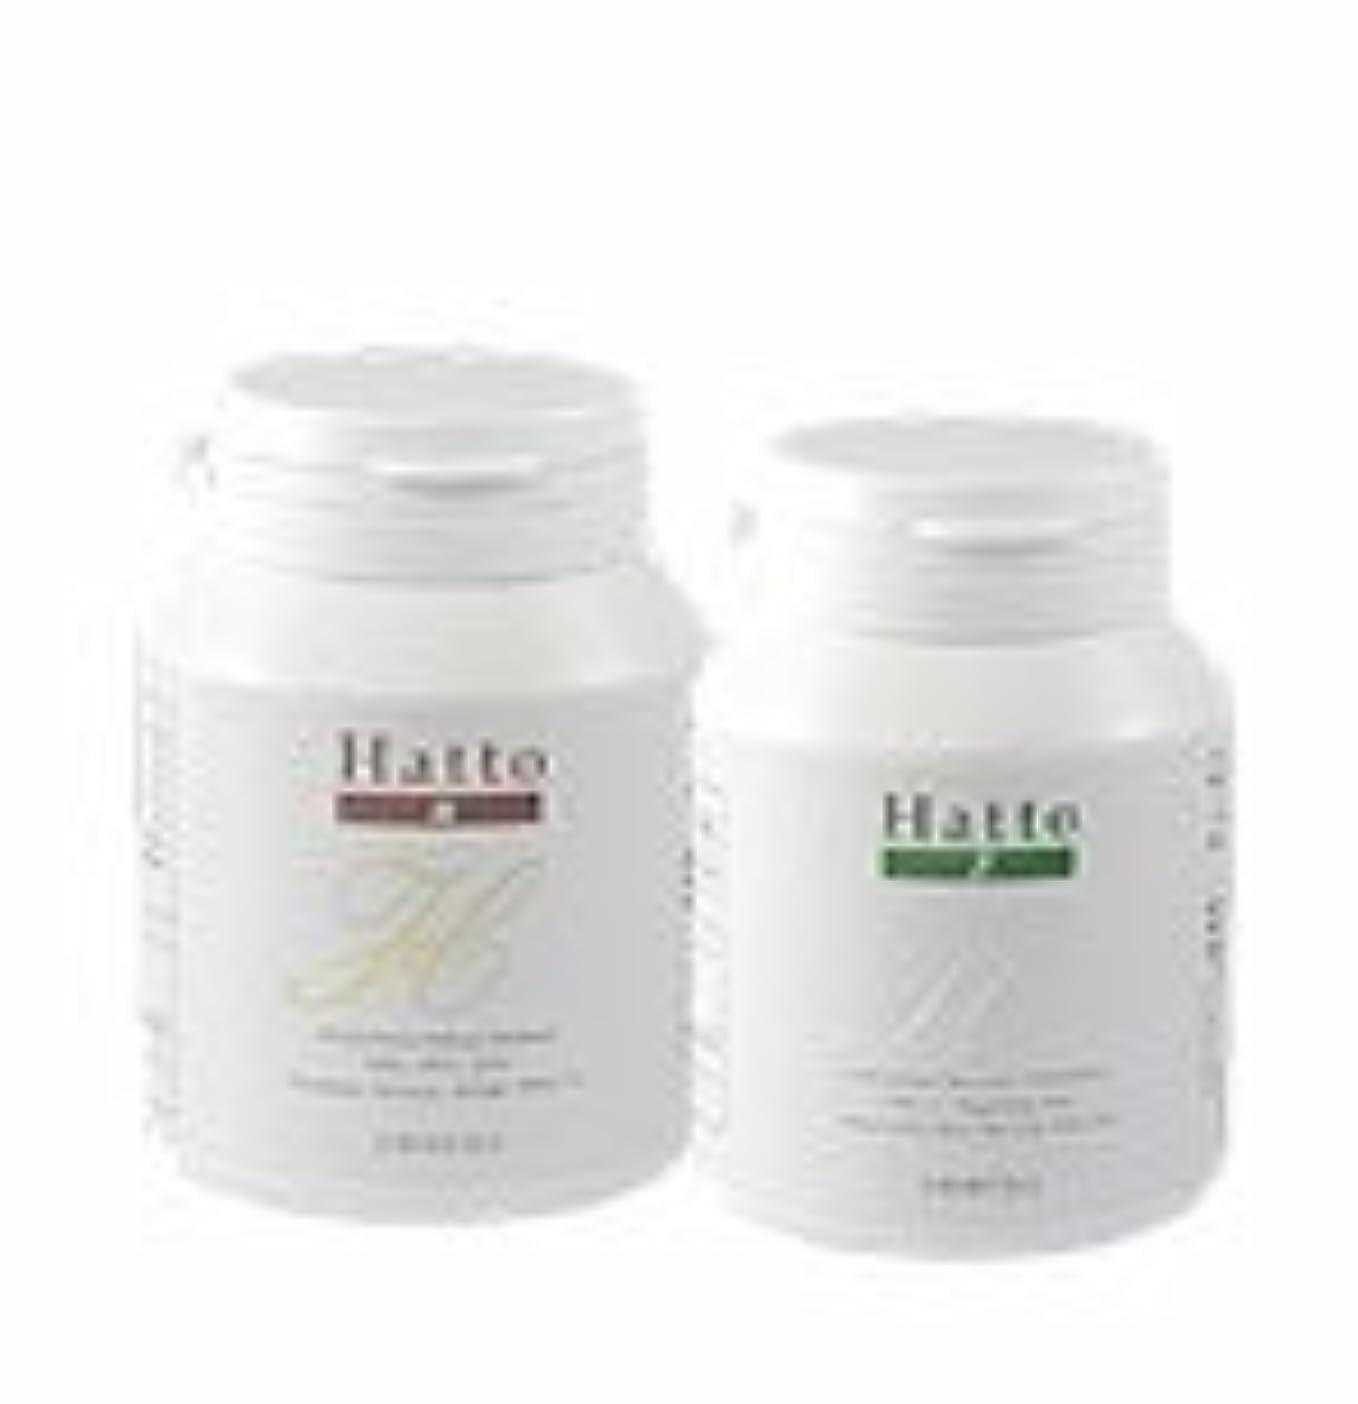 ワゴン本土敬なHatto 育毛サプリメント 飲む育毛剤お試しパック(1ヶ月分)